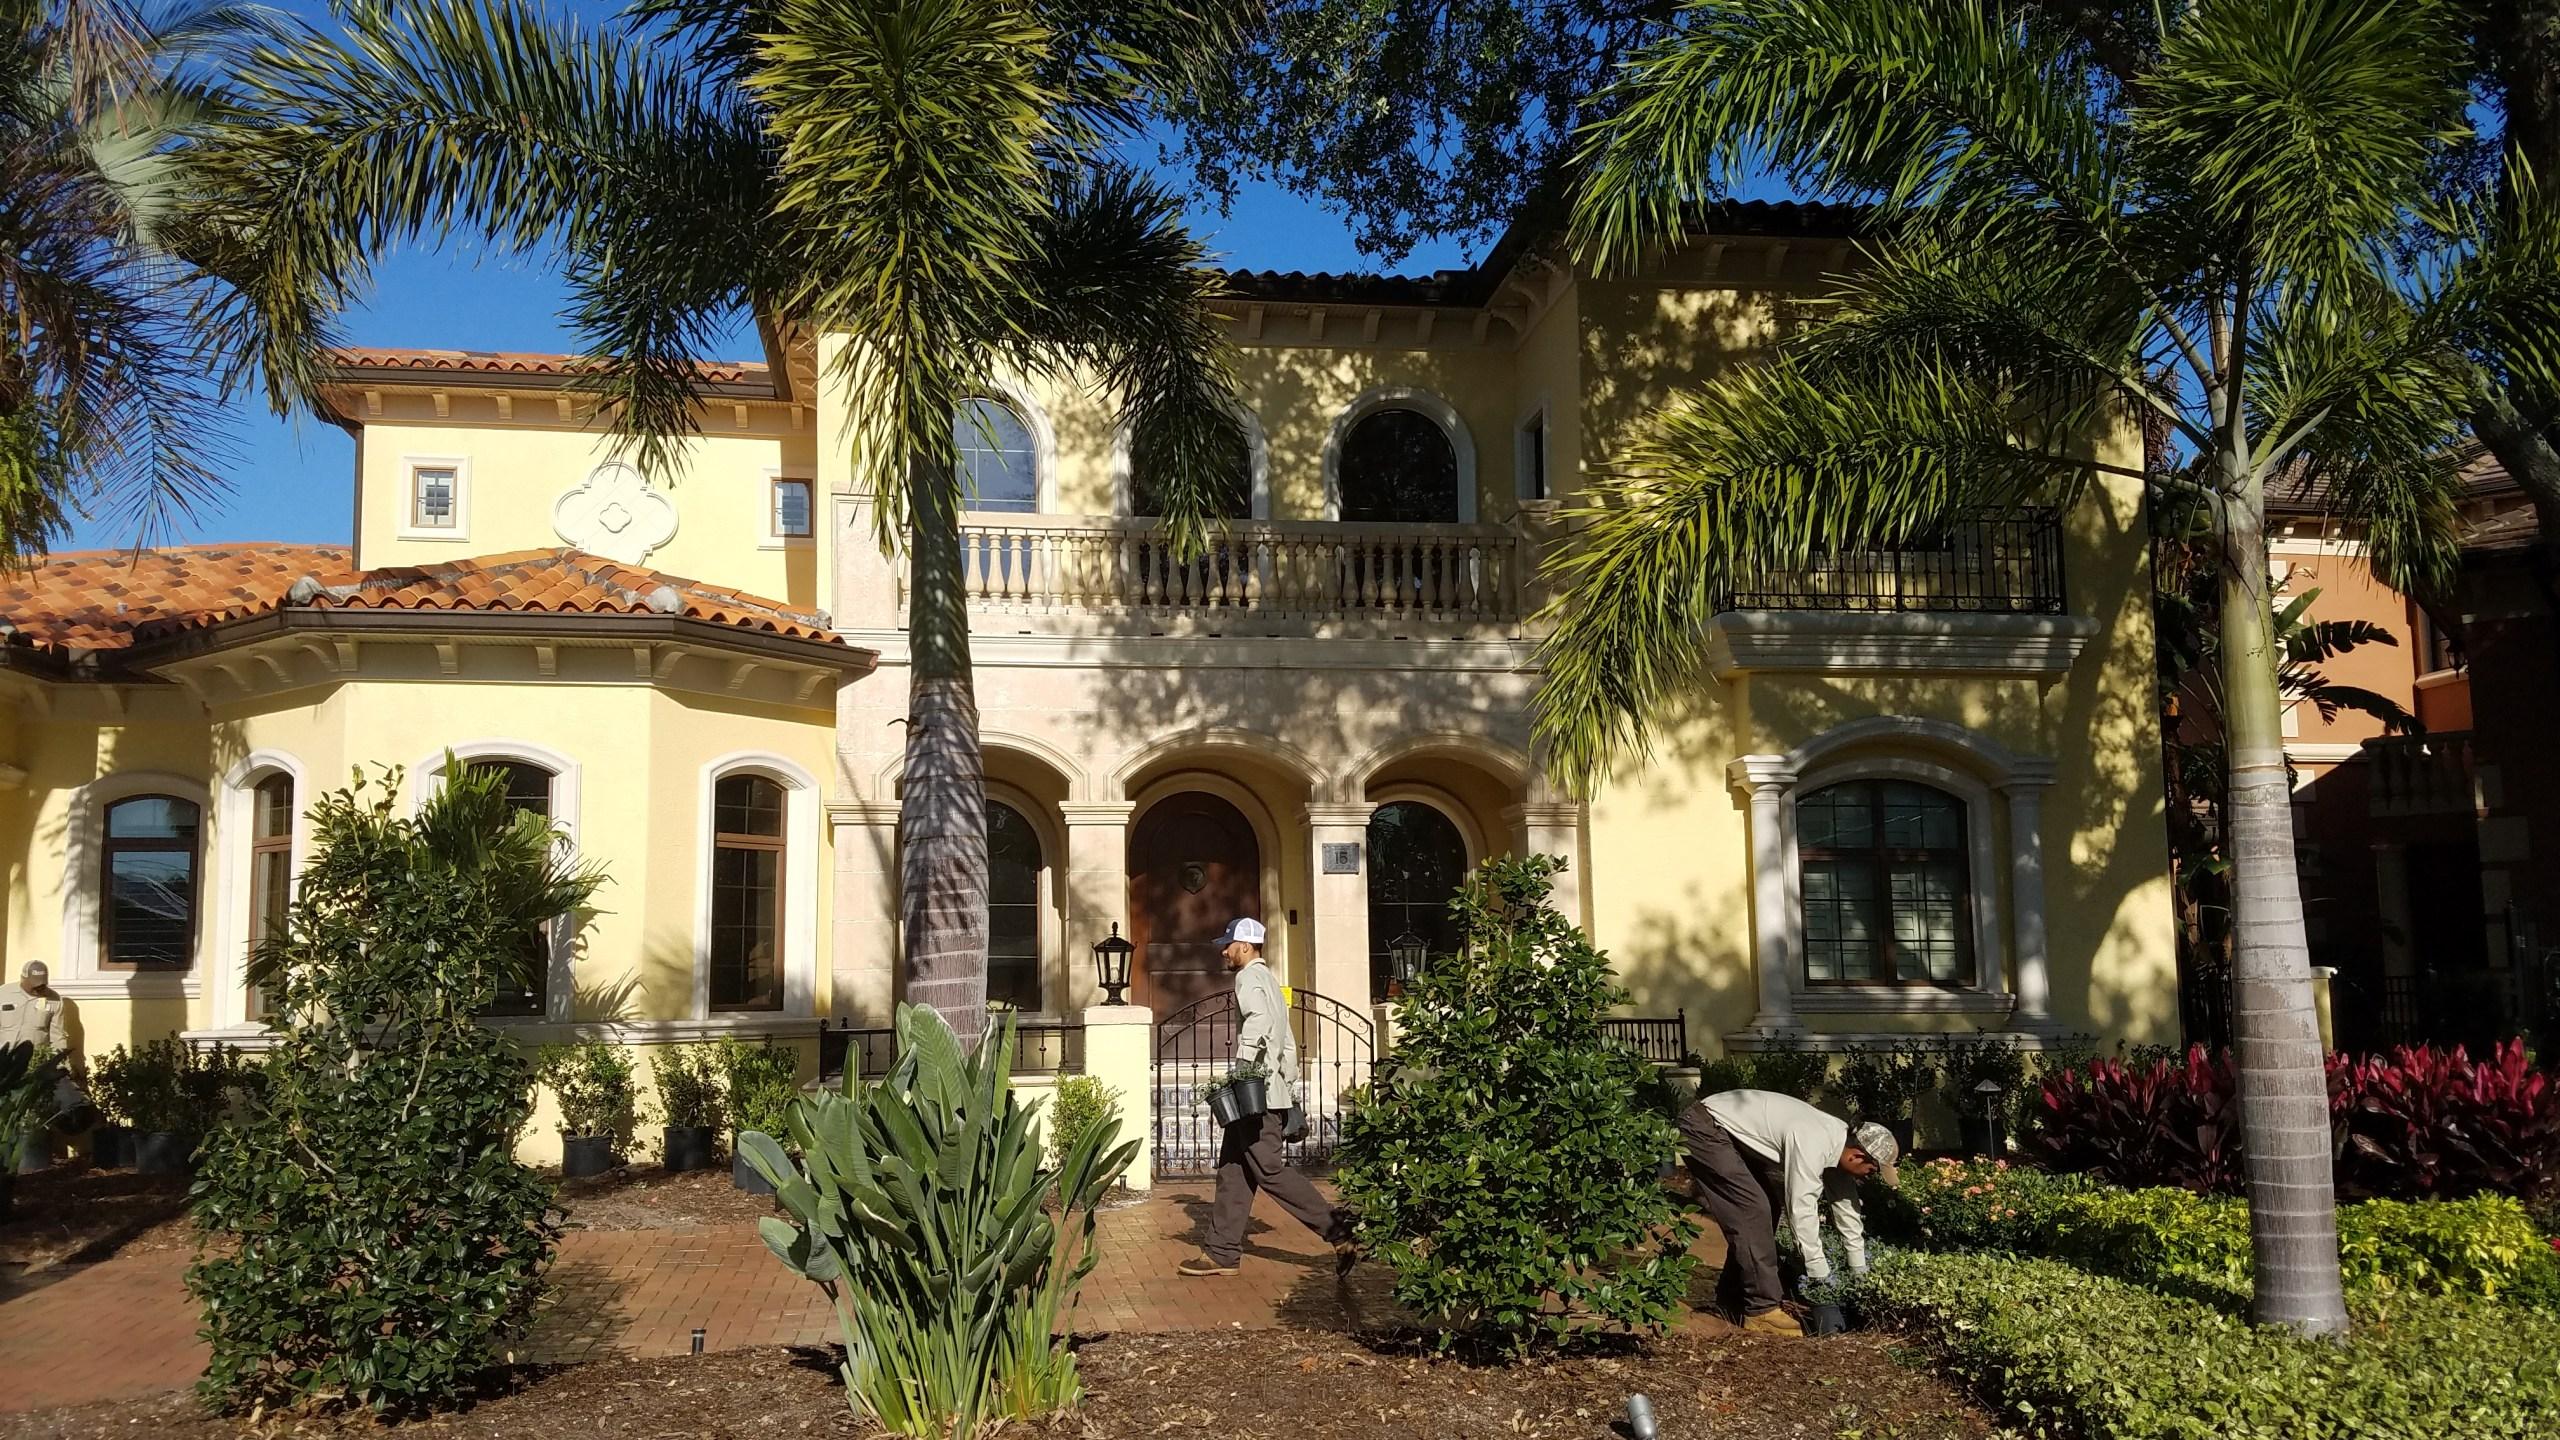 LANDSCAPING HOUSE_1524663930955.jpg.jpg